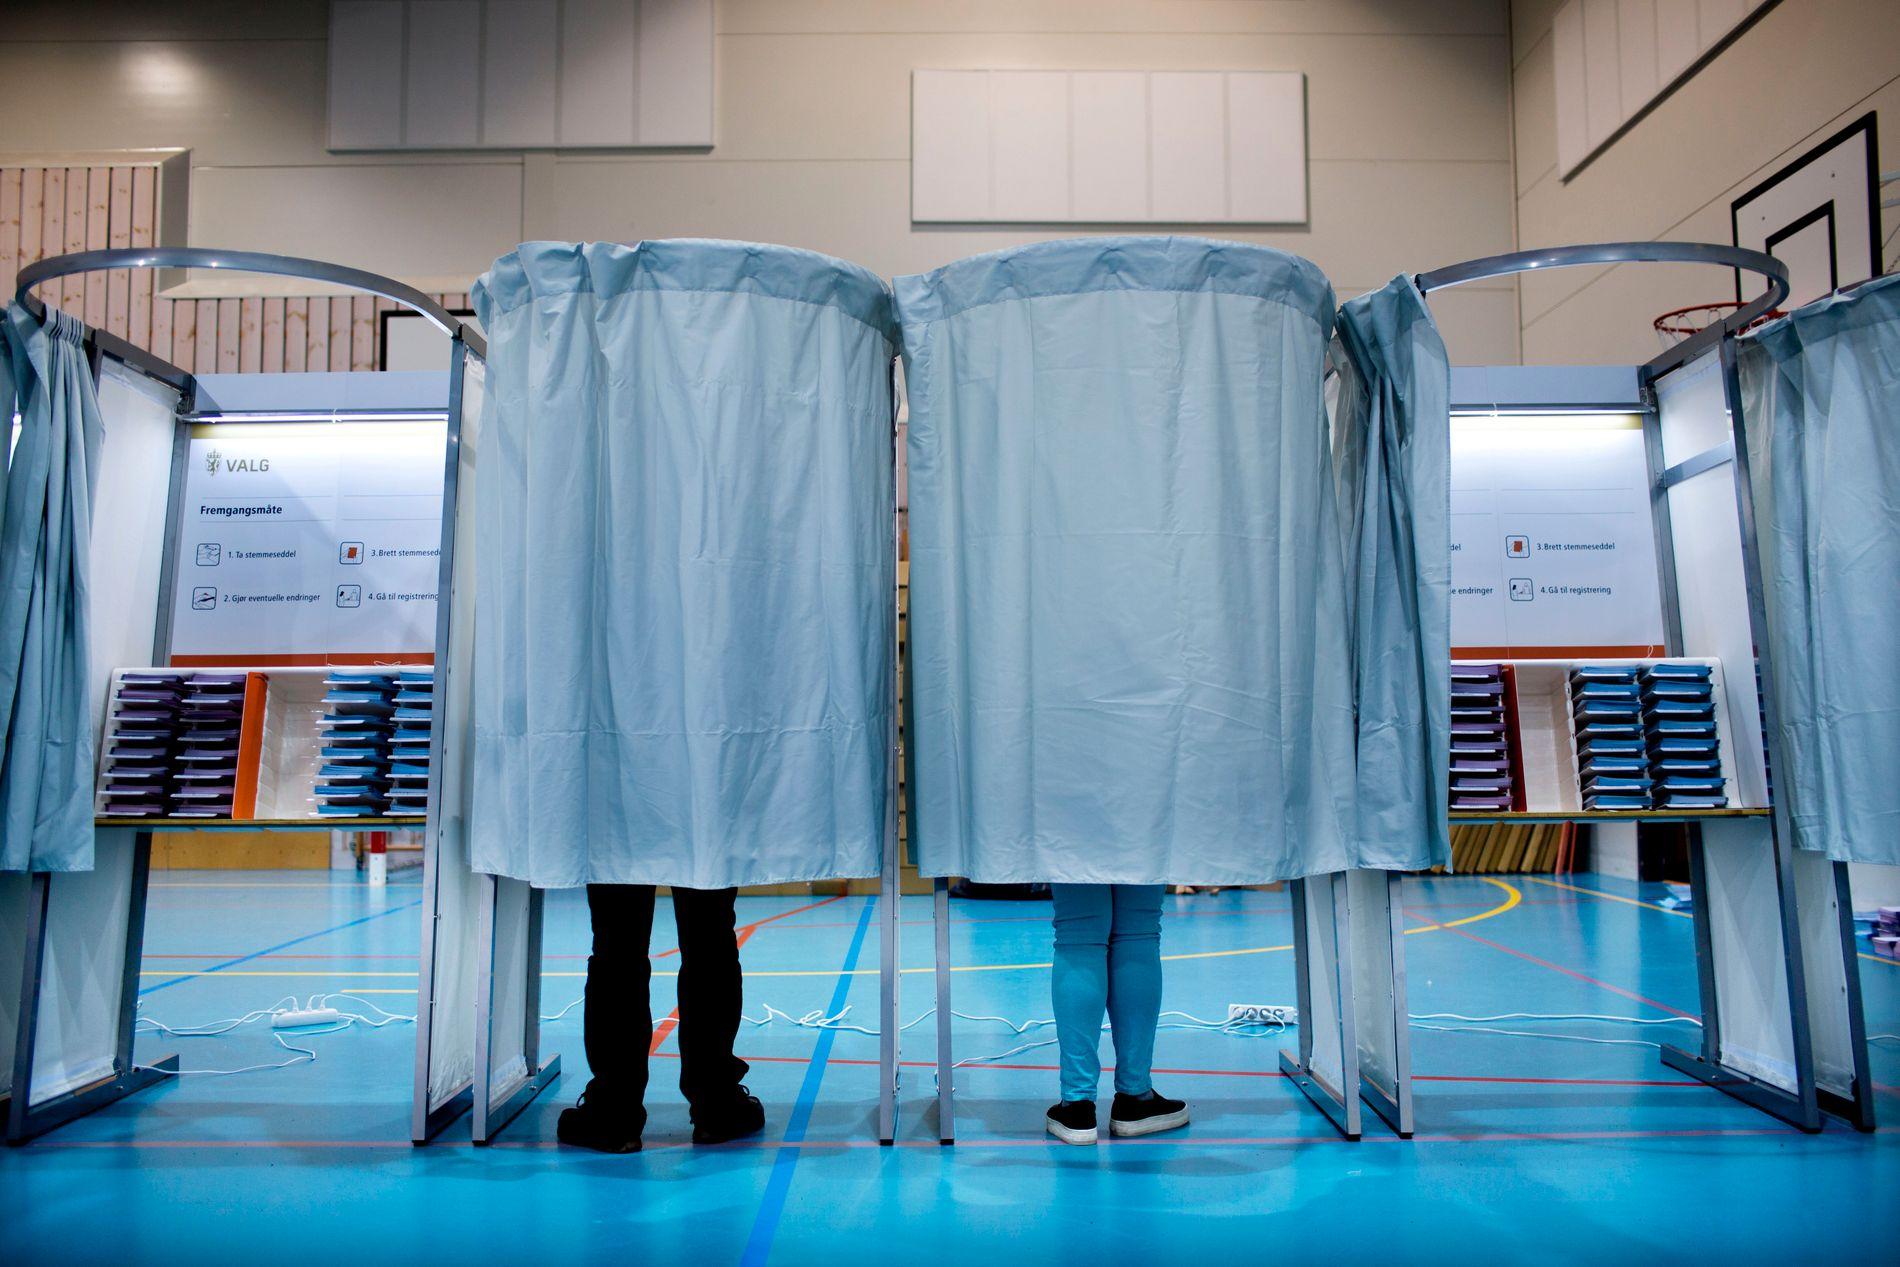 STEMMERETT: Alle som har bodd i landet i tre år, har stemmerett ved valget i høst, men mange av dem vet det ikke. Vil du styrke det politiske Norge, informer din polske eller litauiske nabo om at han kan stemme, skriver innsenderne.